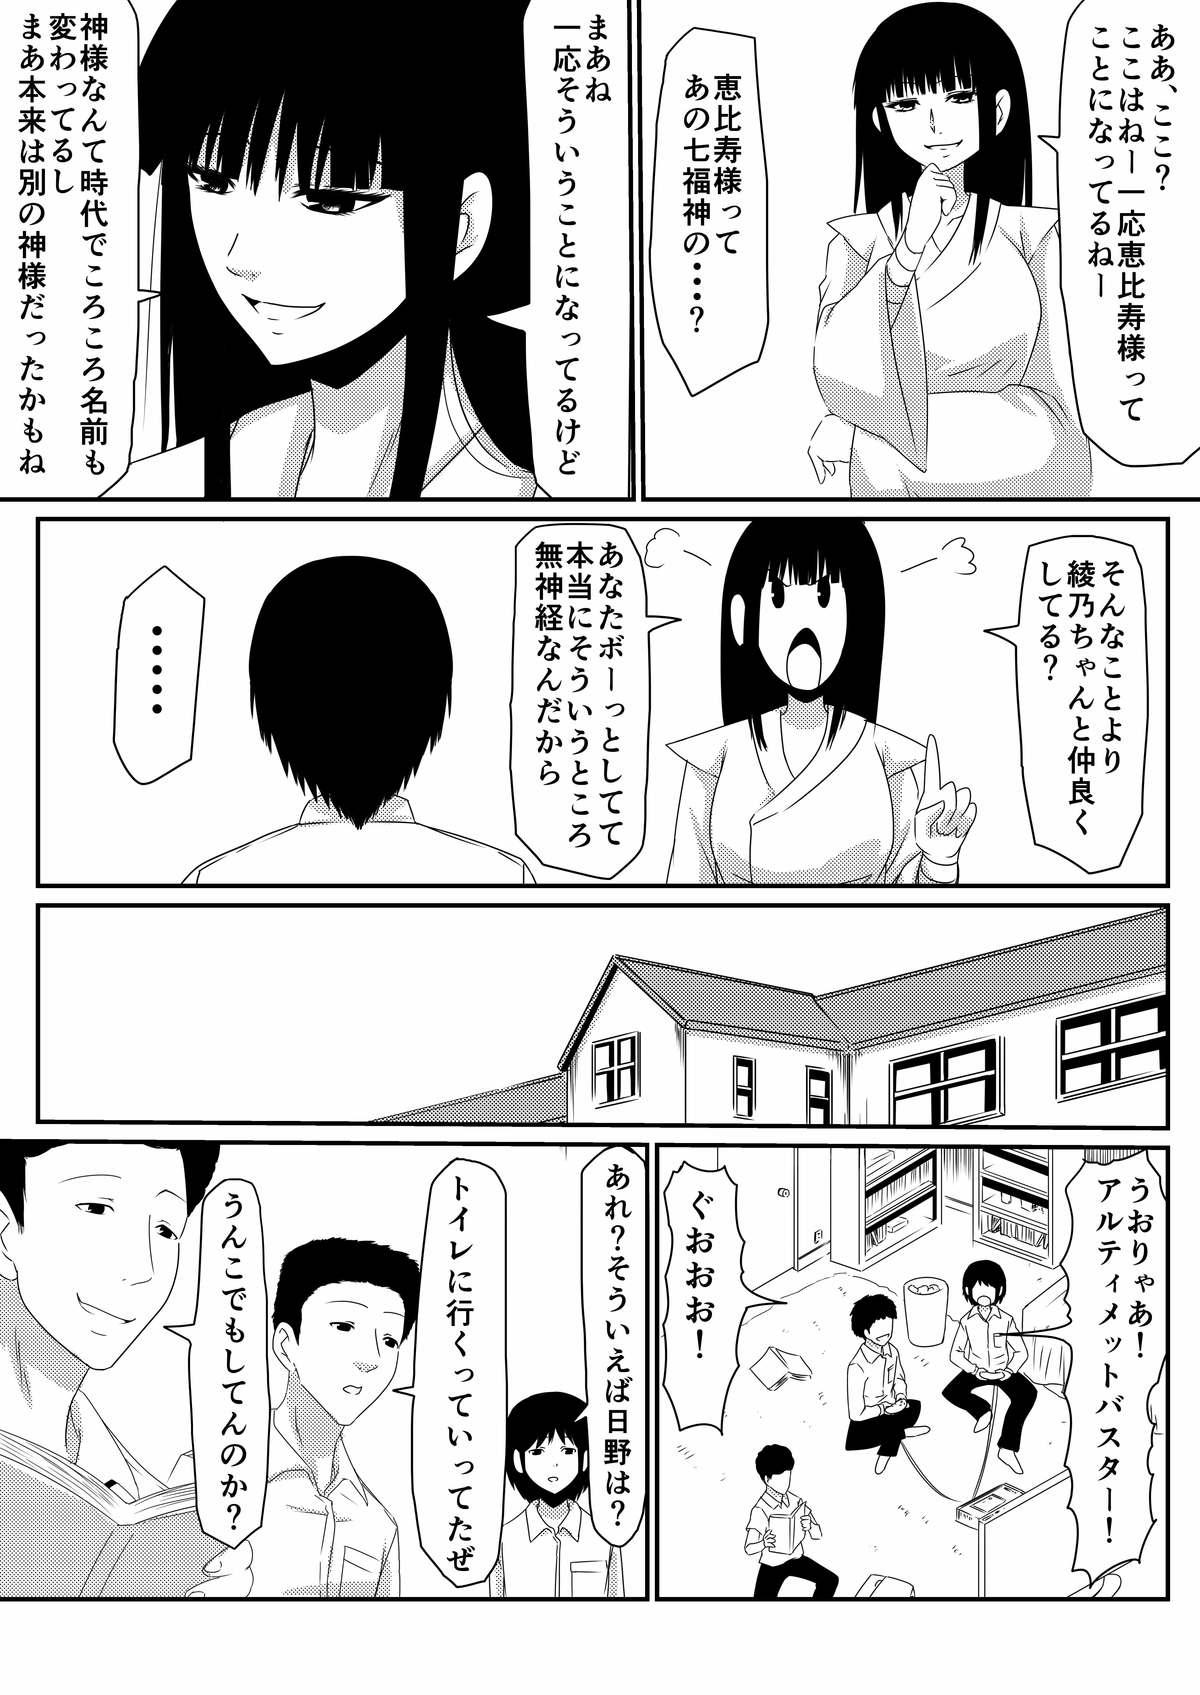 [Mikezoutei] Mashou no Chinko o Motsu Shounen ~Kare no Dankon wa Josei o Mesu e to Kaeru~ Zenpen 51